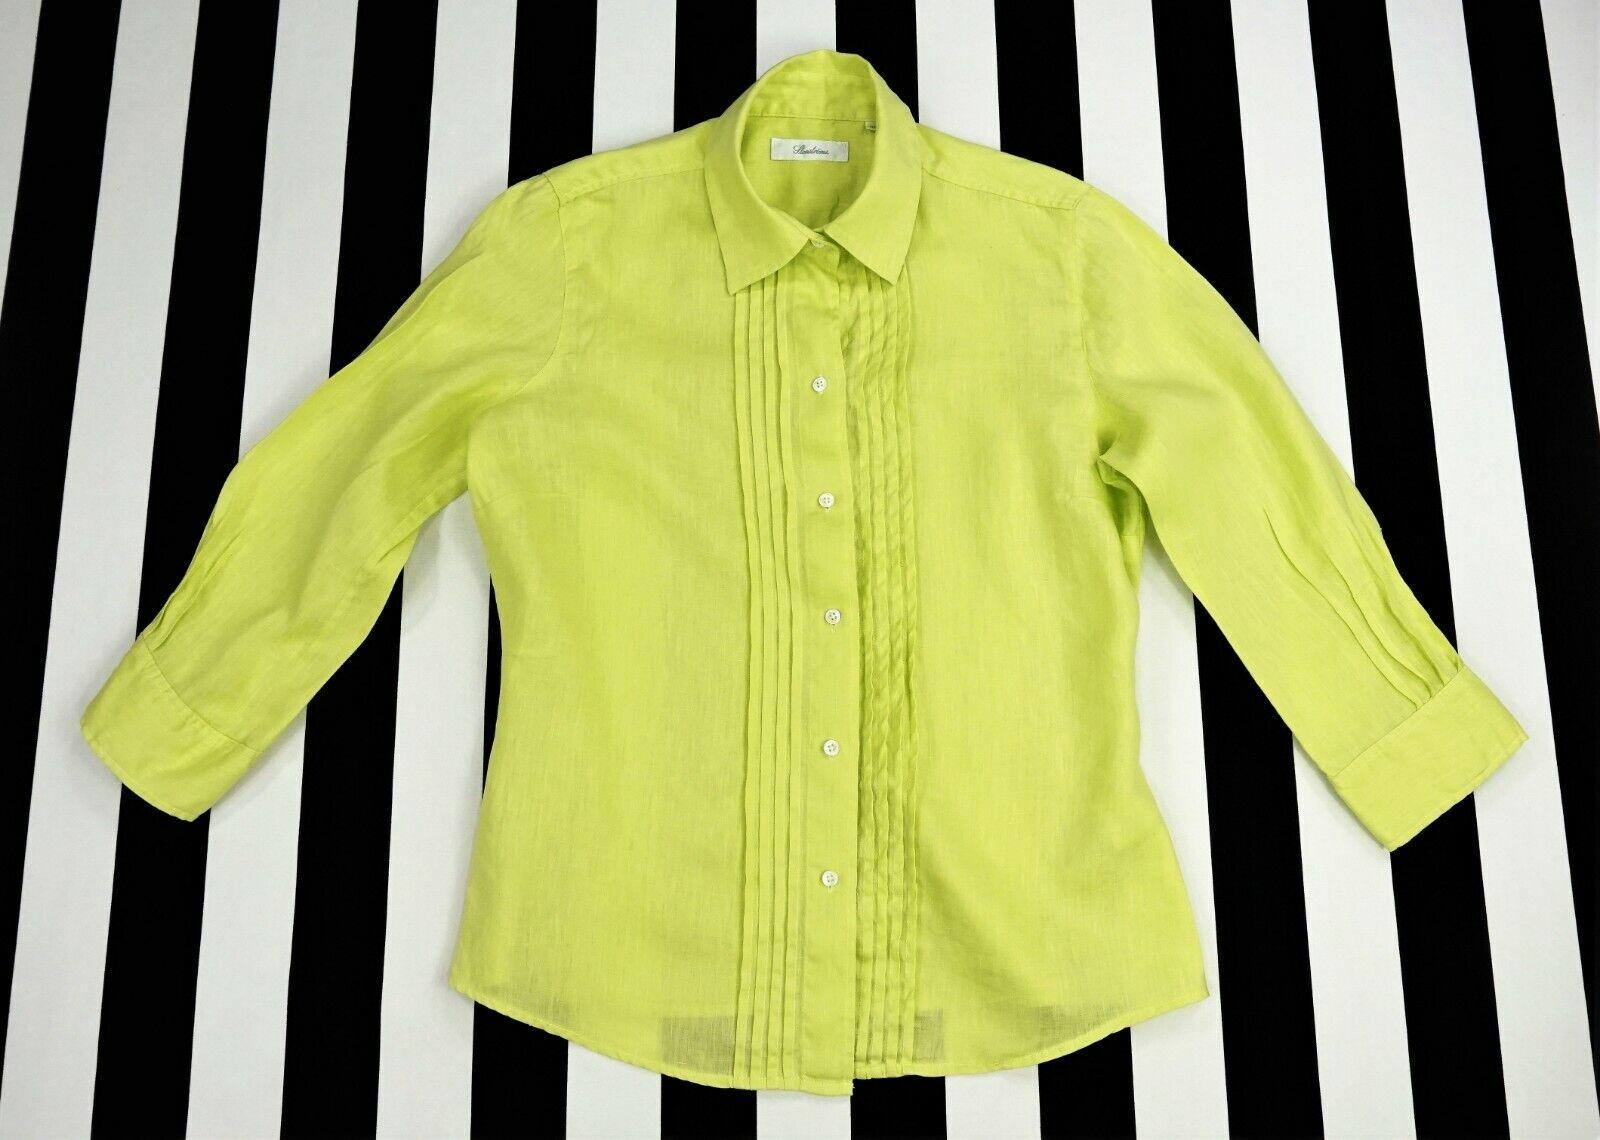 Nwt  STENSTRÖMS Stenstroms ¾ Sleeve Citrus Grün 100% Linen Ladies Shirt Größe 38